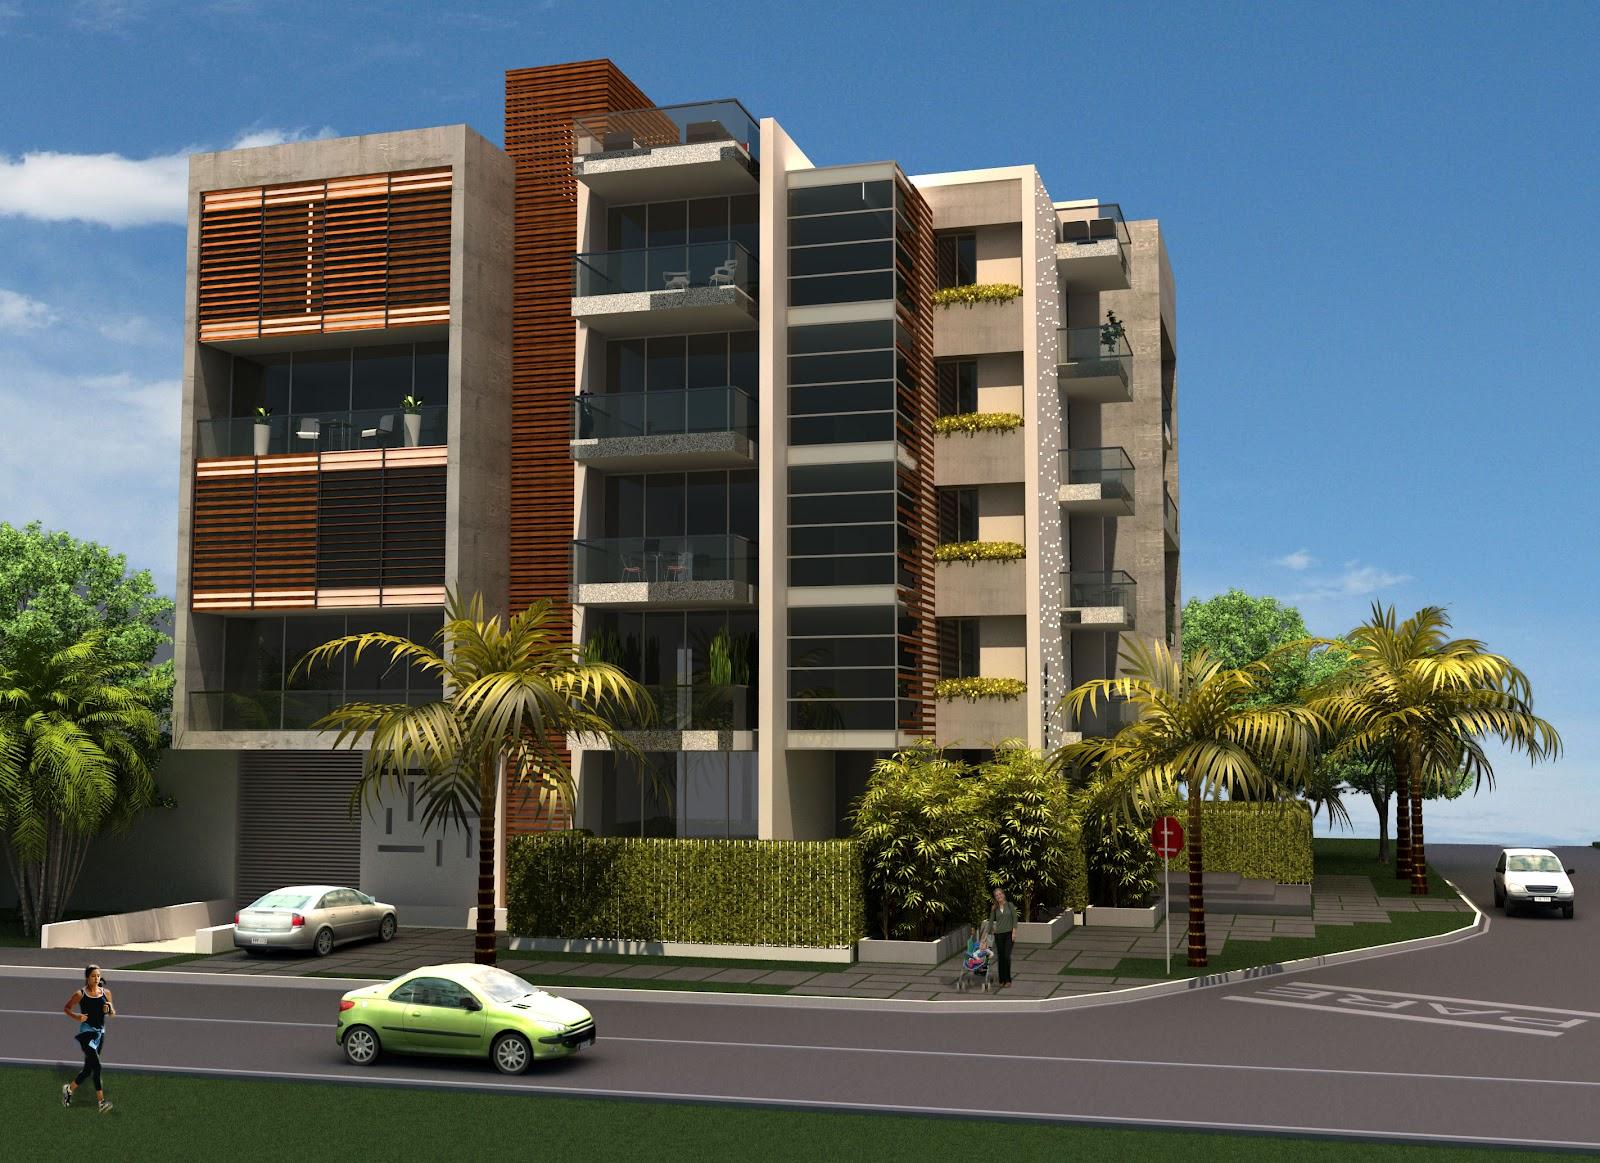 Diversificar s a constructora v rtika edificio boutique for Pisos de apartamentos modernos